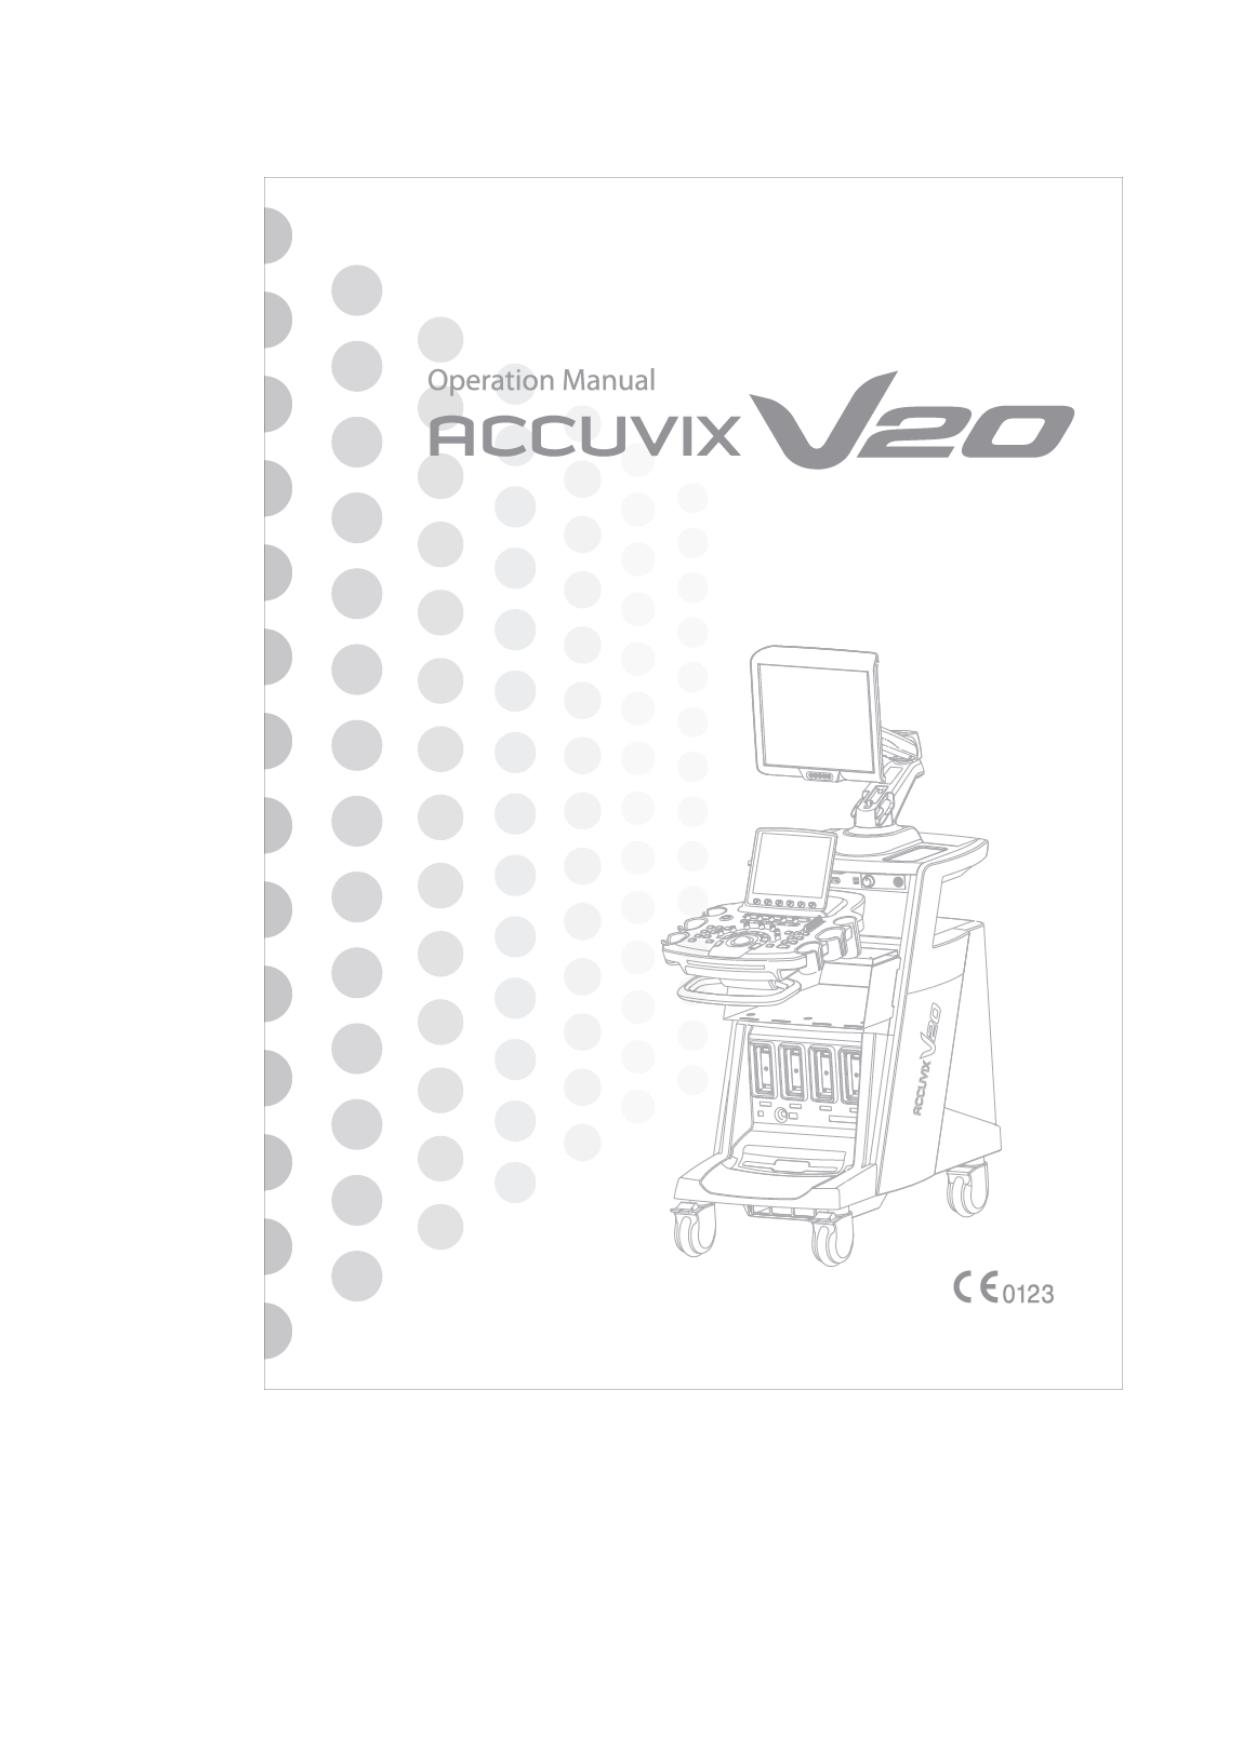 Samsung ACCUVIX V20 User Manual | manualzz com